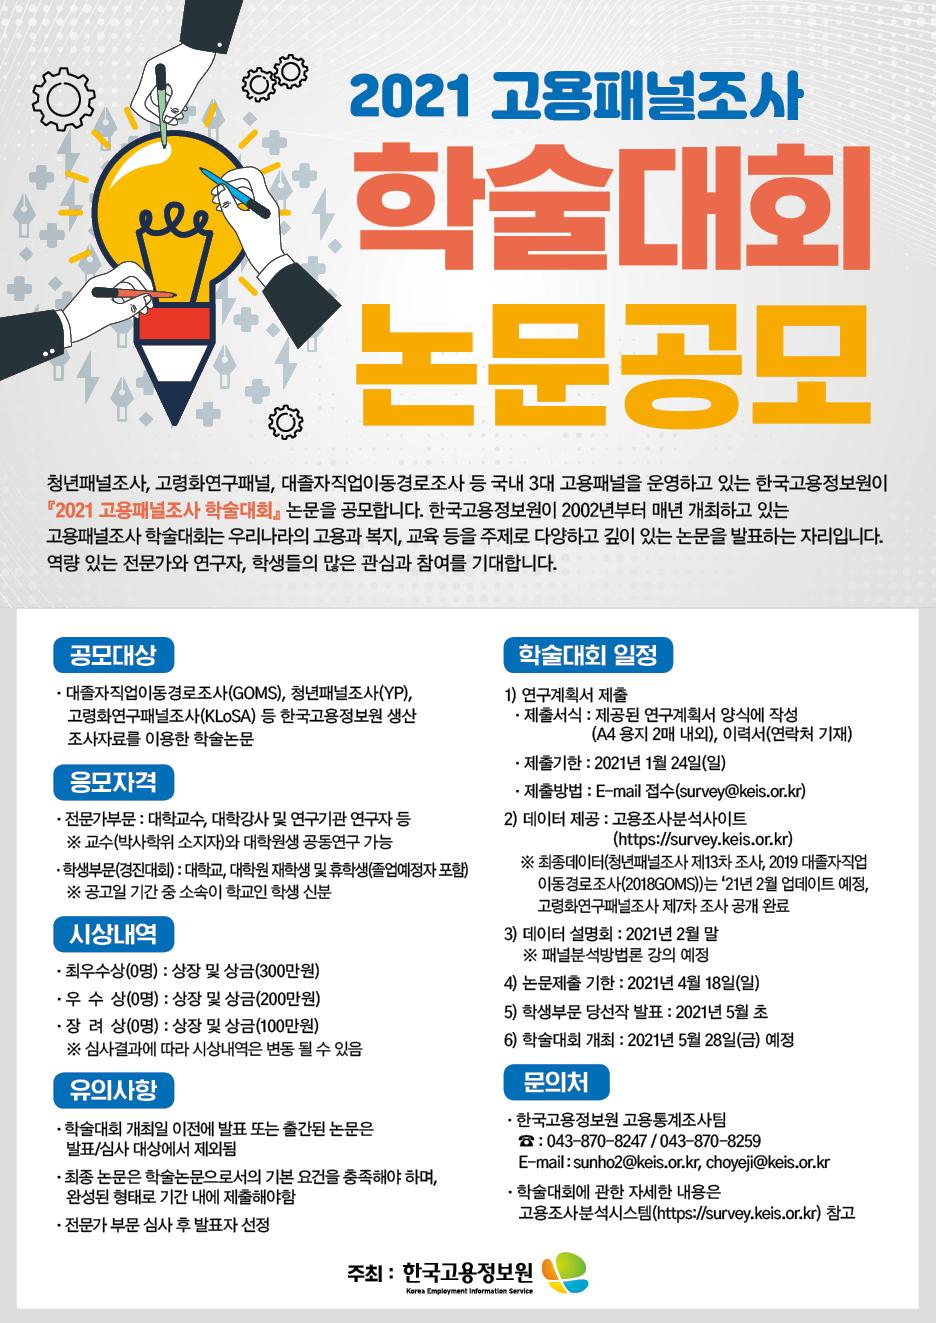 2021 고용패널조사 학술대회 논문 공모